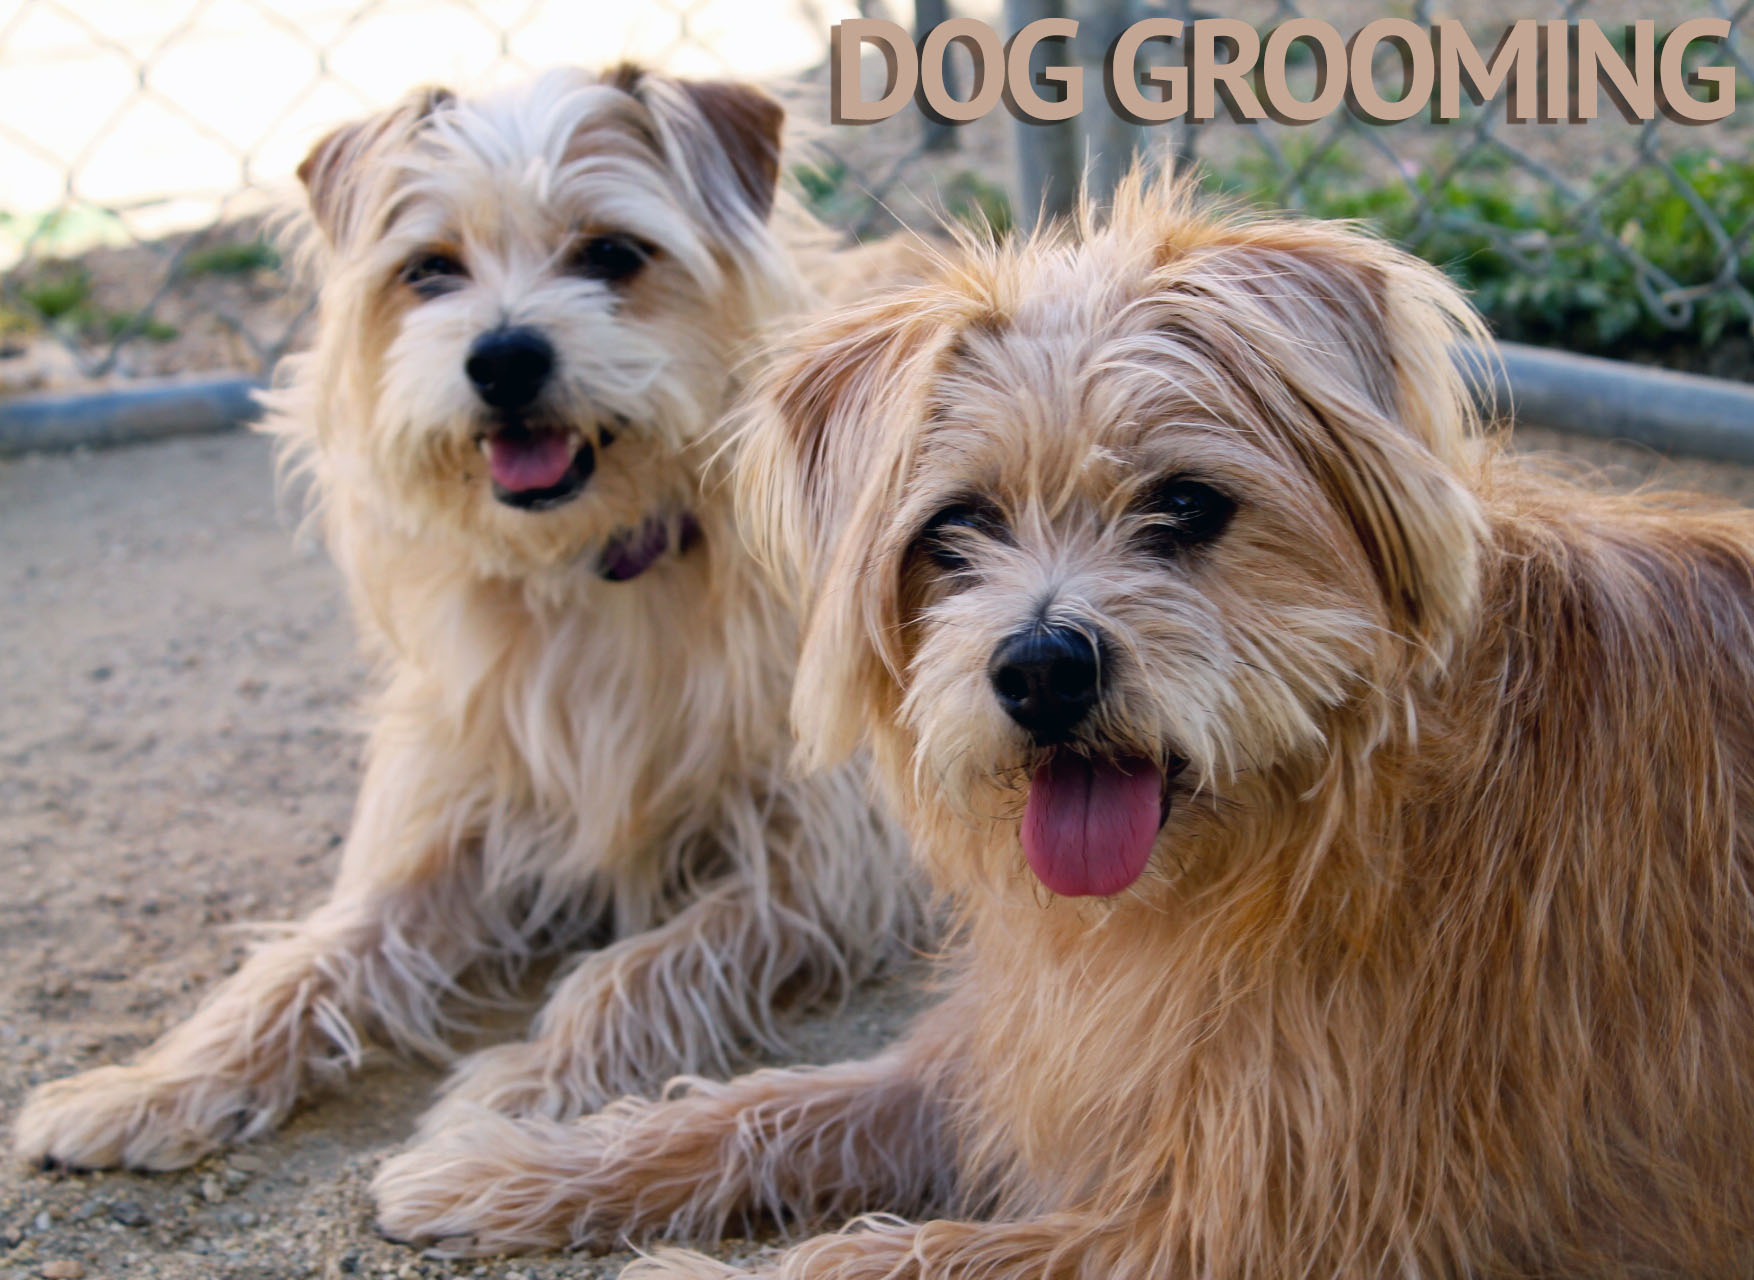 DOG.grooming.jpg